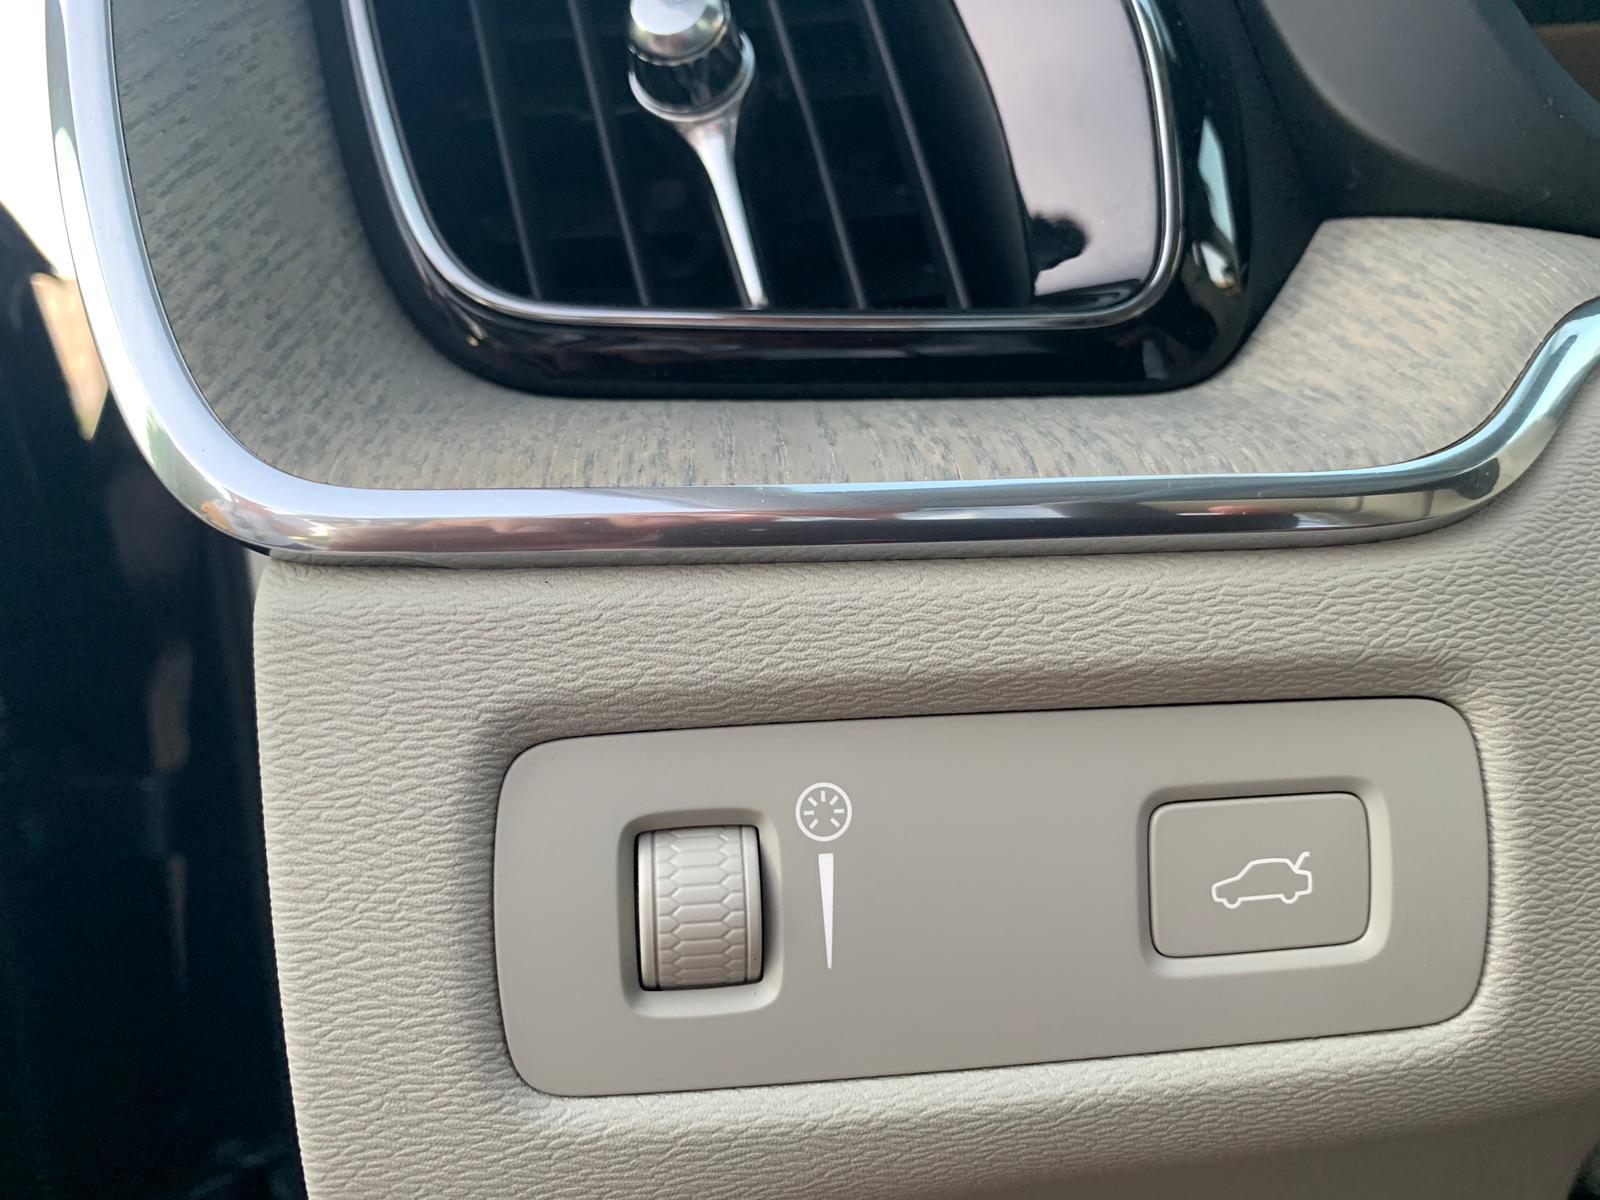 XC60 2.0 INSCRIPTION D4 AWD 2018 SEP19 (23)